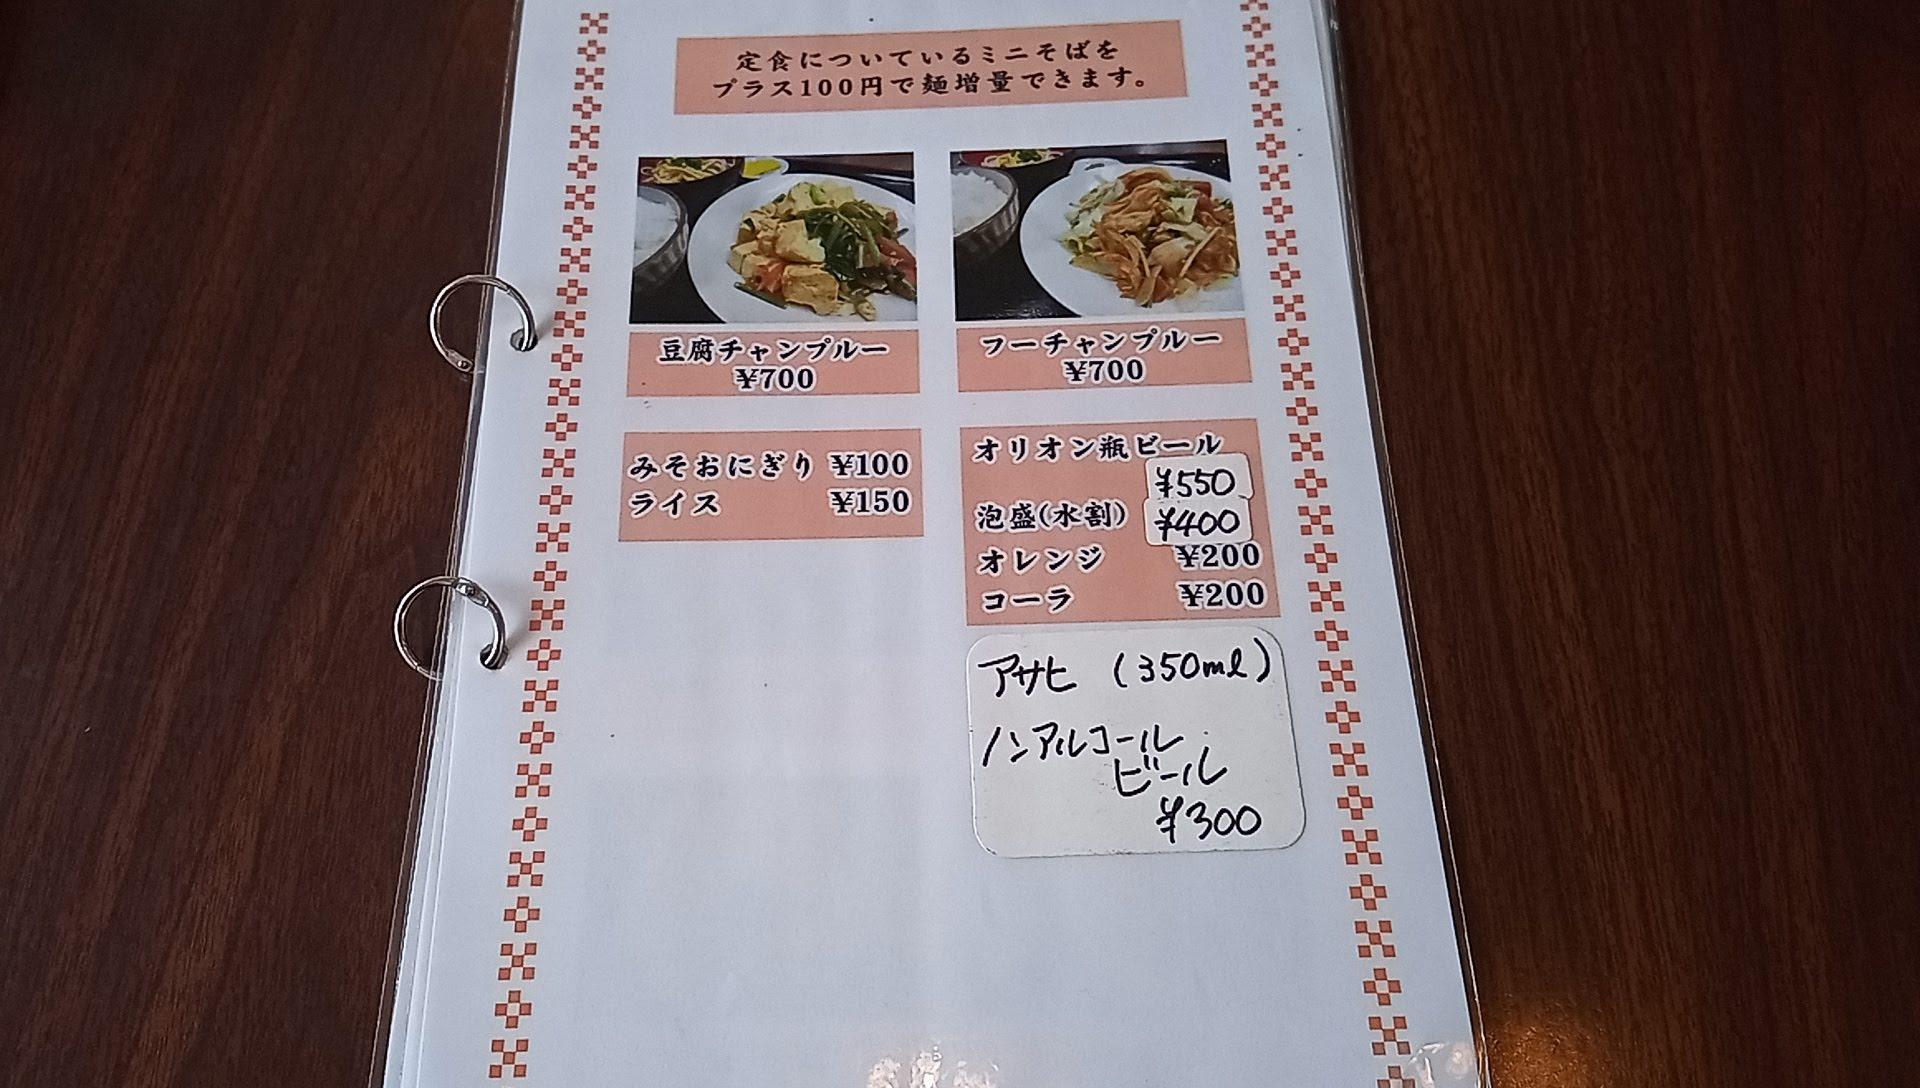 the menu for Yutanza Soba 3